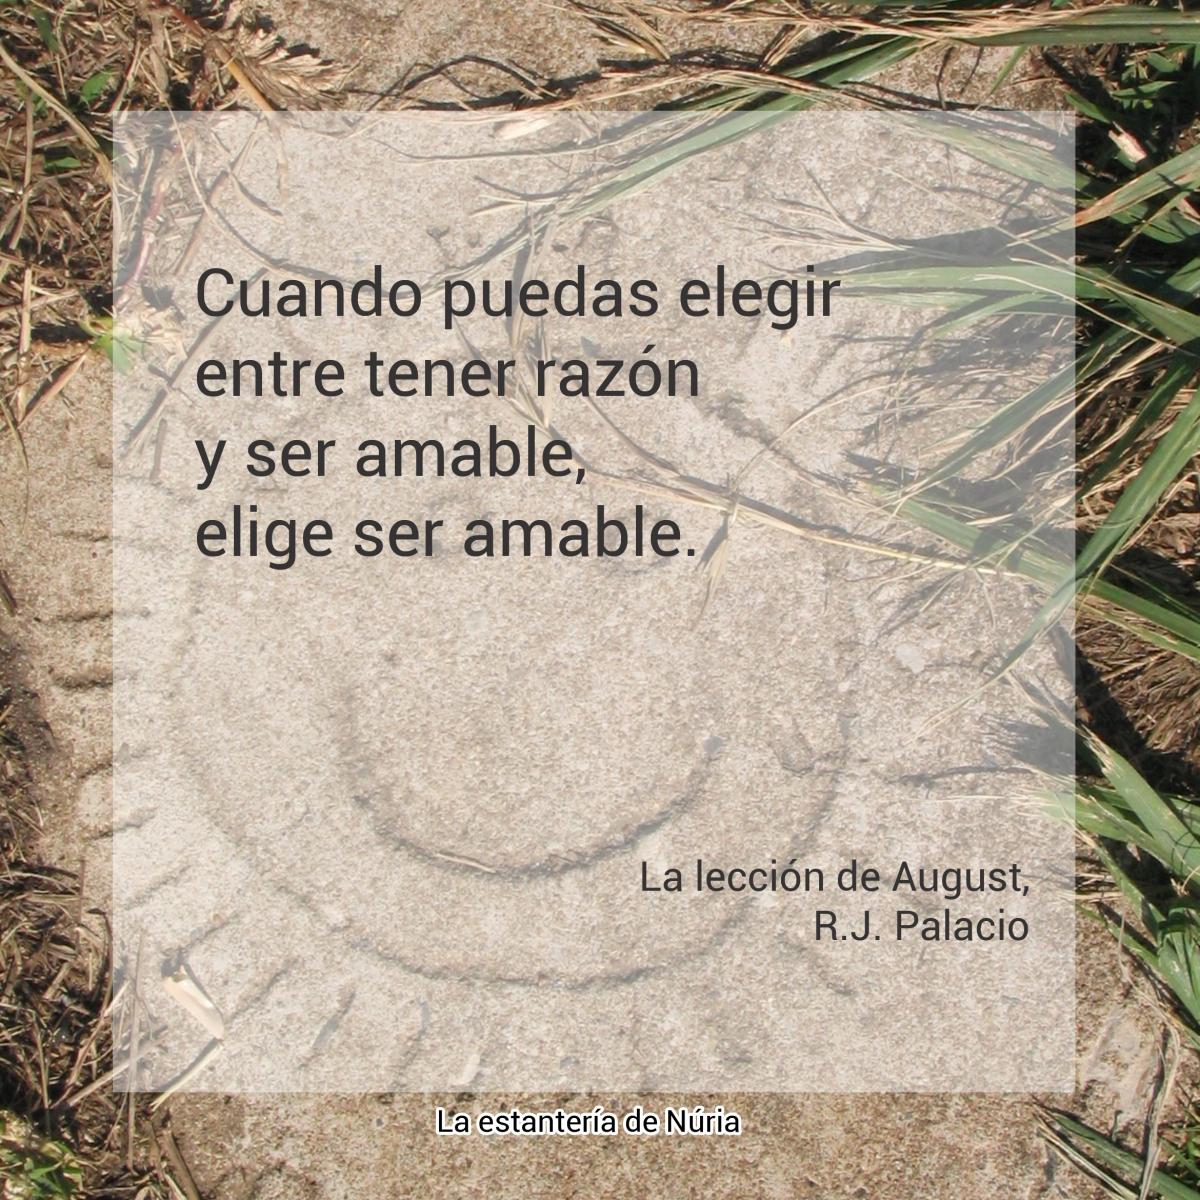 Cuando puedas elegir entre tener razón y ser amable, elige ser amable. La lección de August, R.J. Palacio